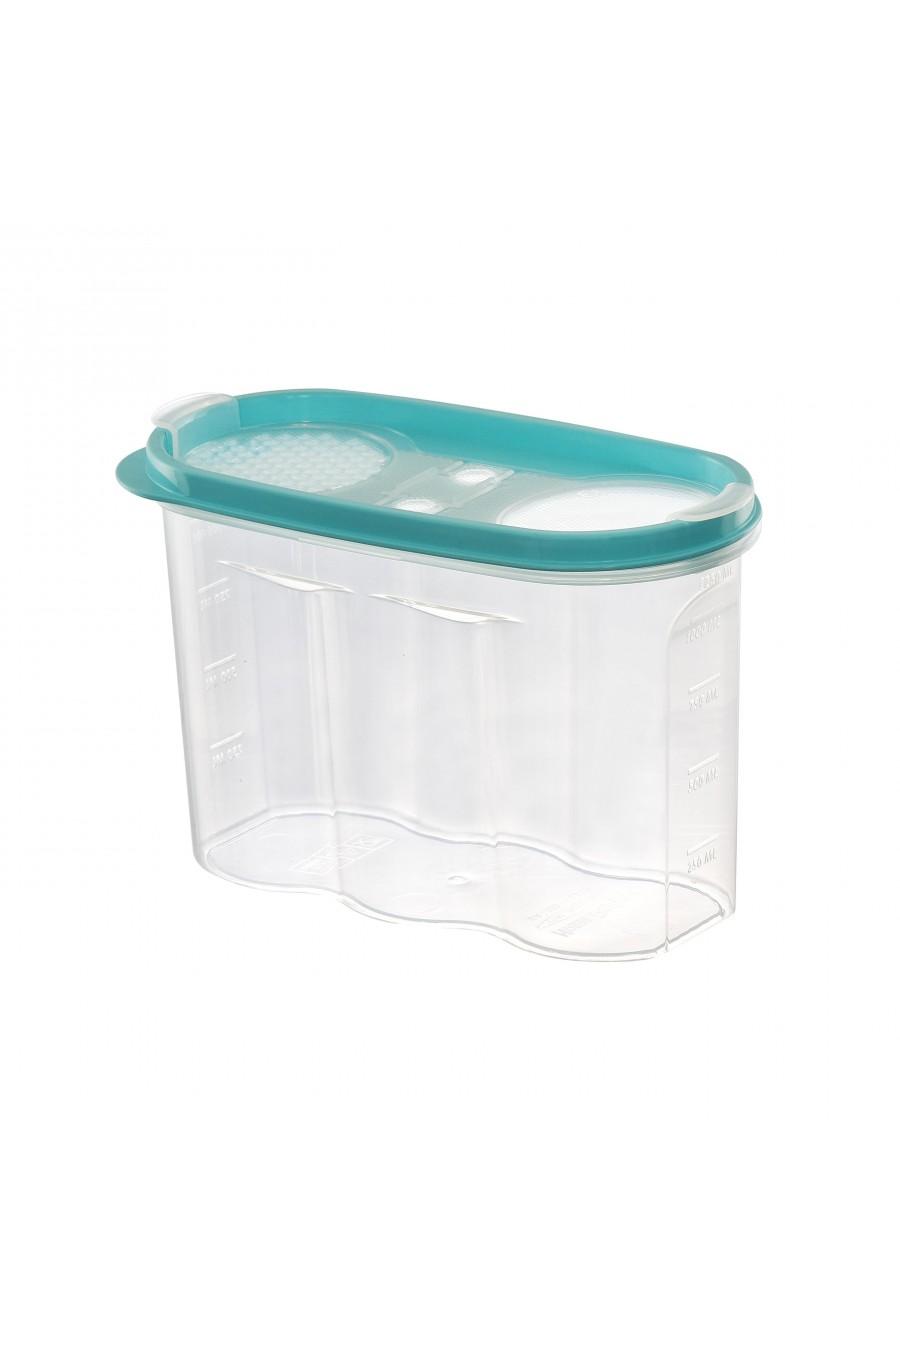 PlastArt Dikey Erzak Kabı | 1.2 lt